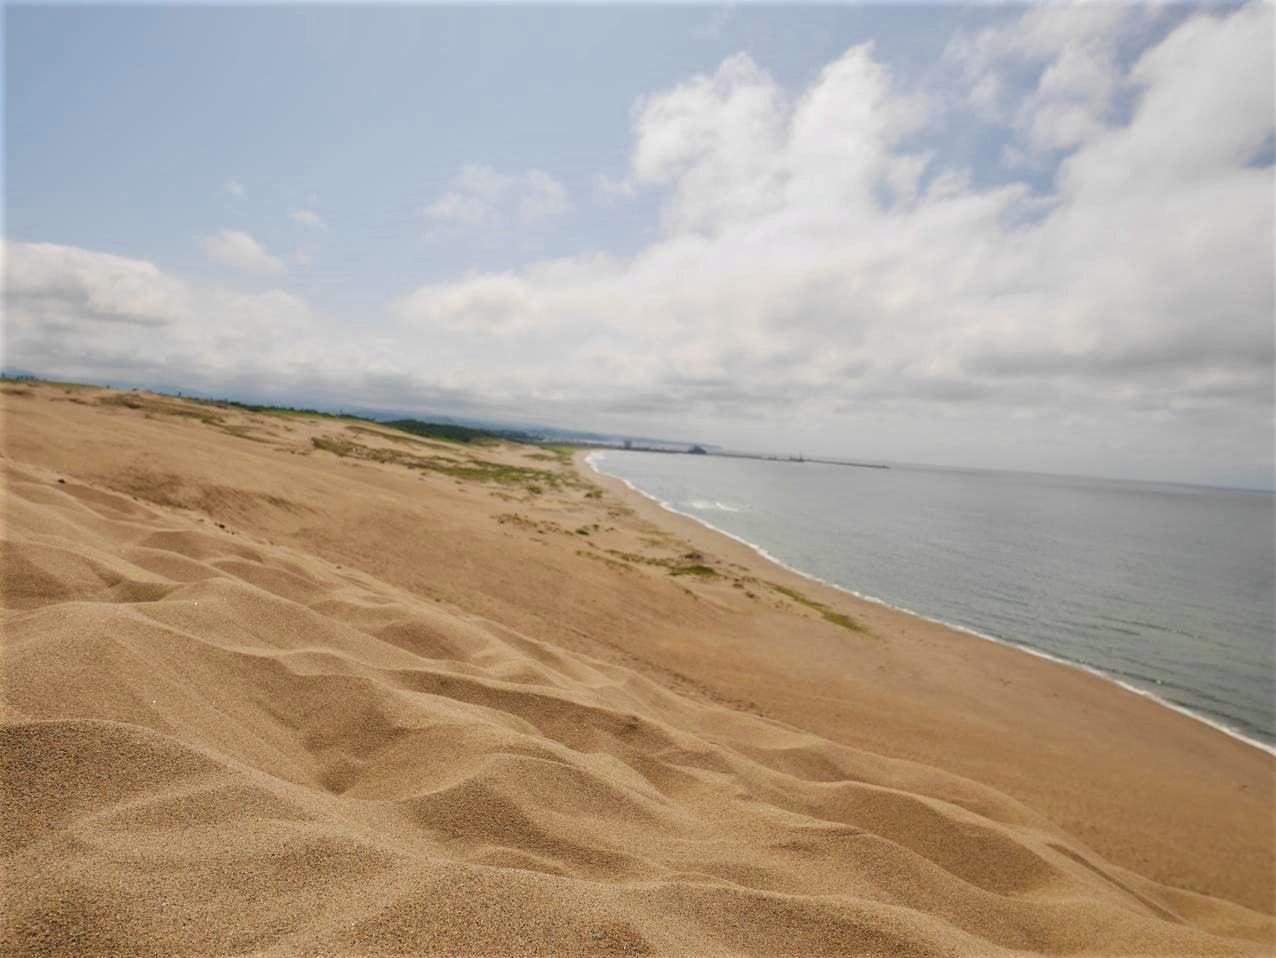 鳥取砂丘馬背另一側海岸